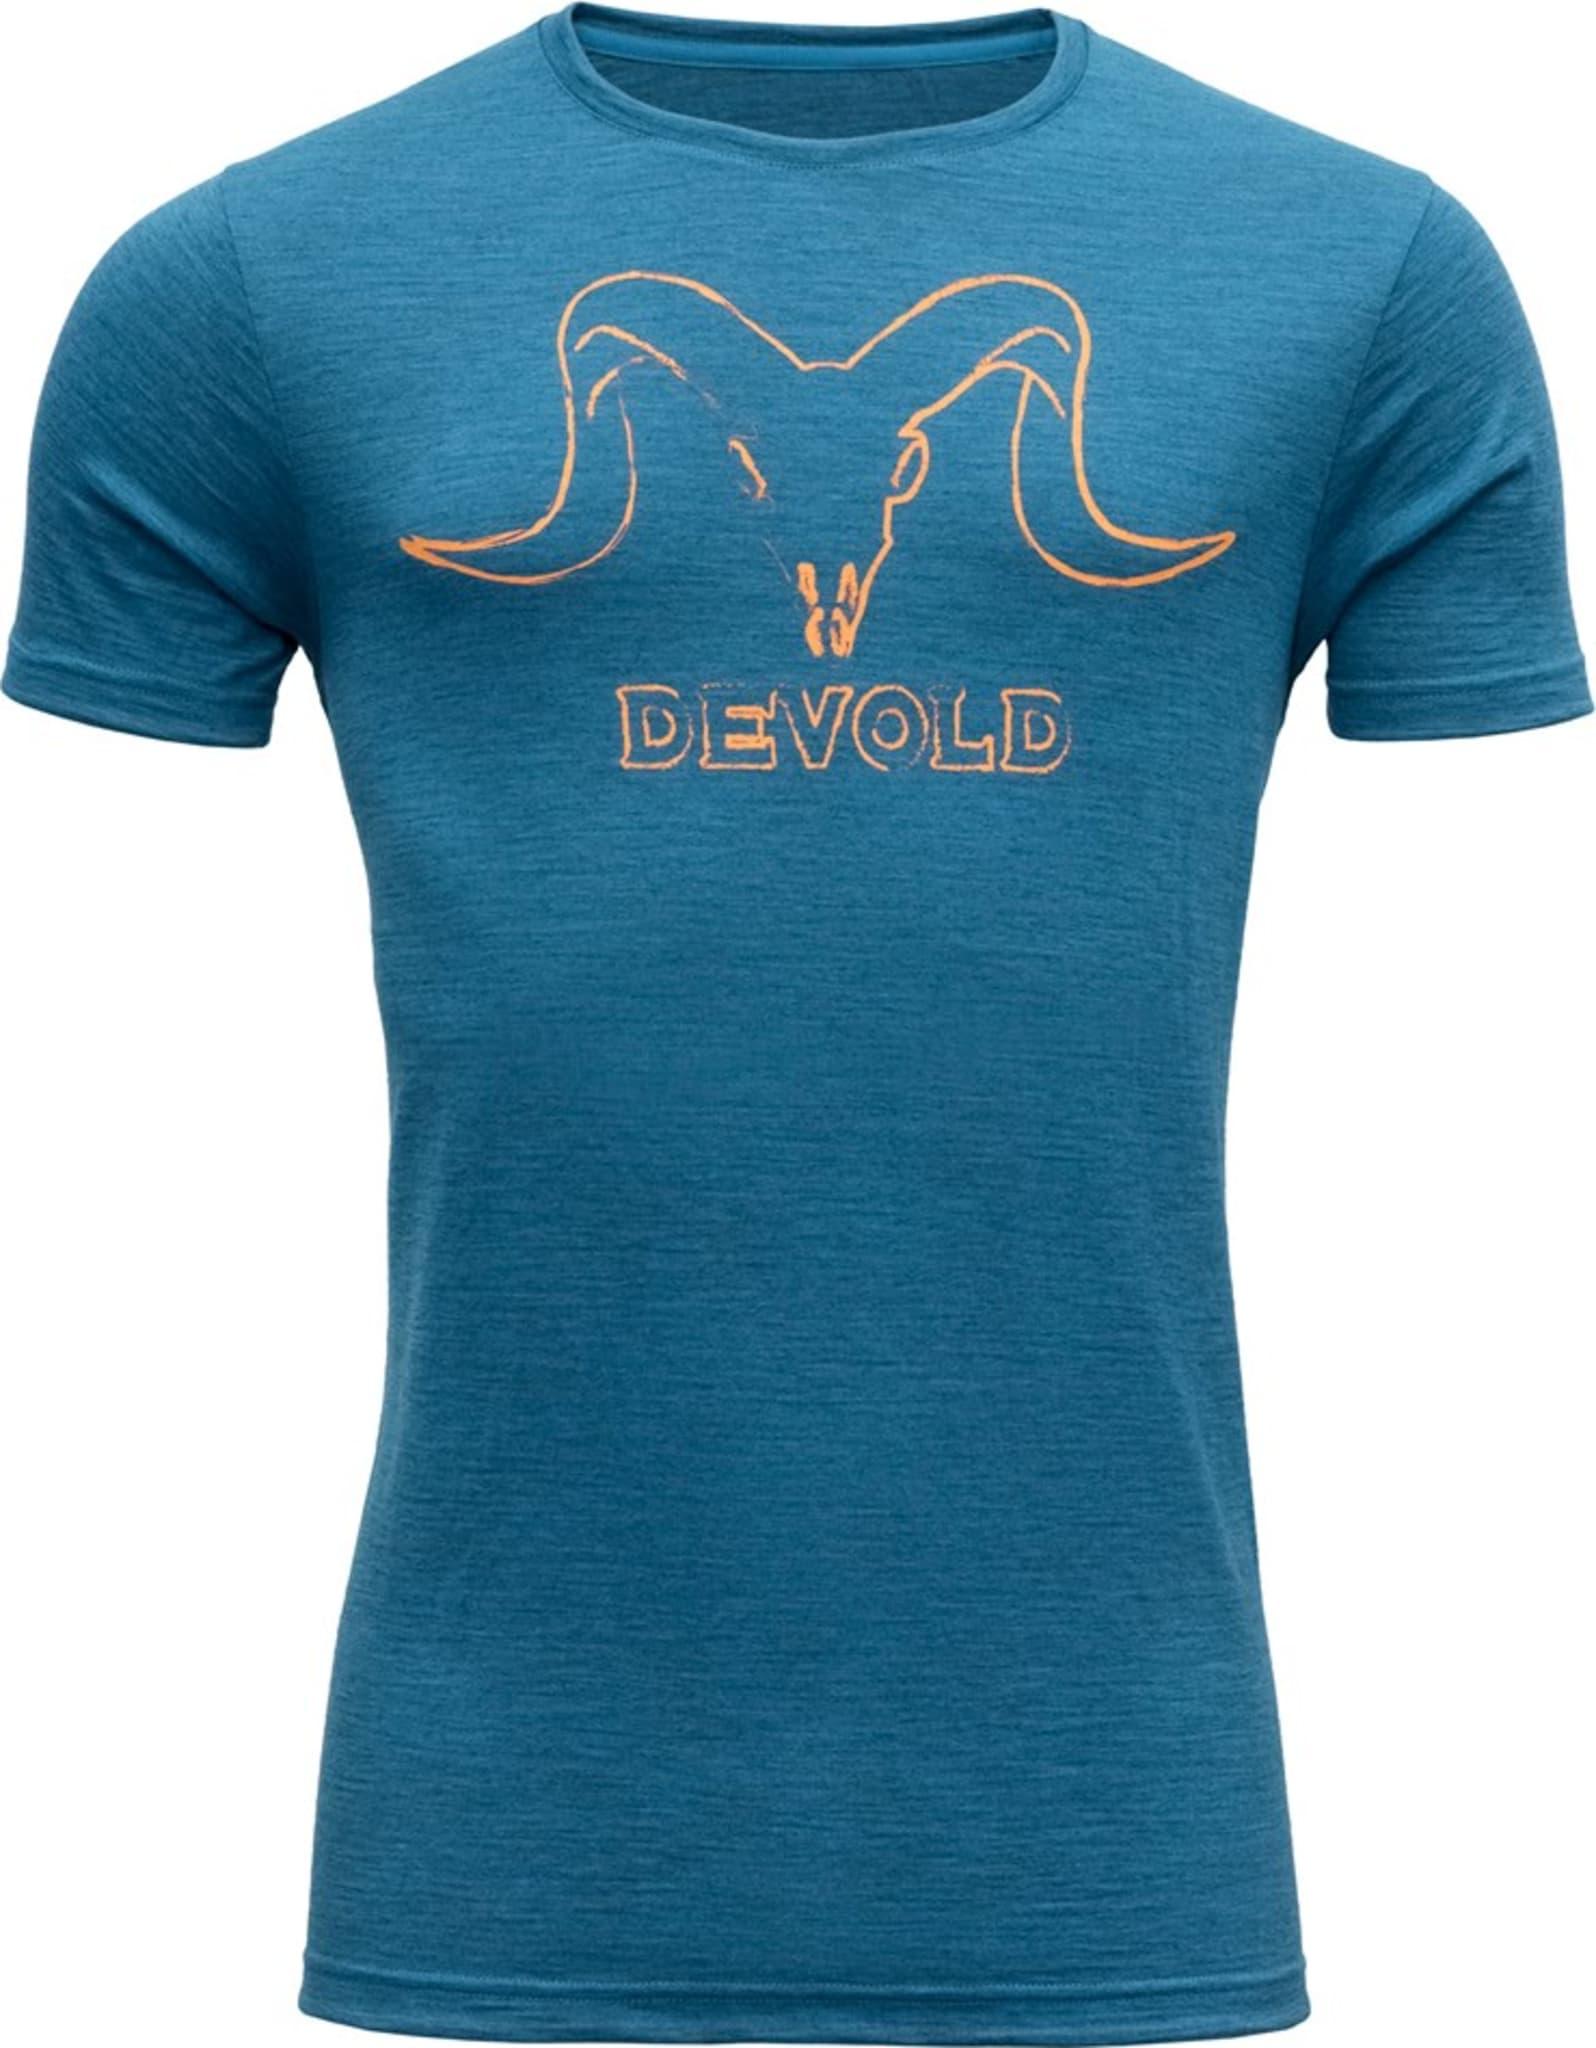 Komfortabel t-skjorte med print i 100% merinoull